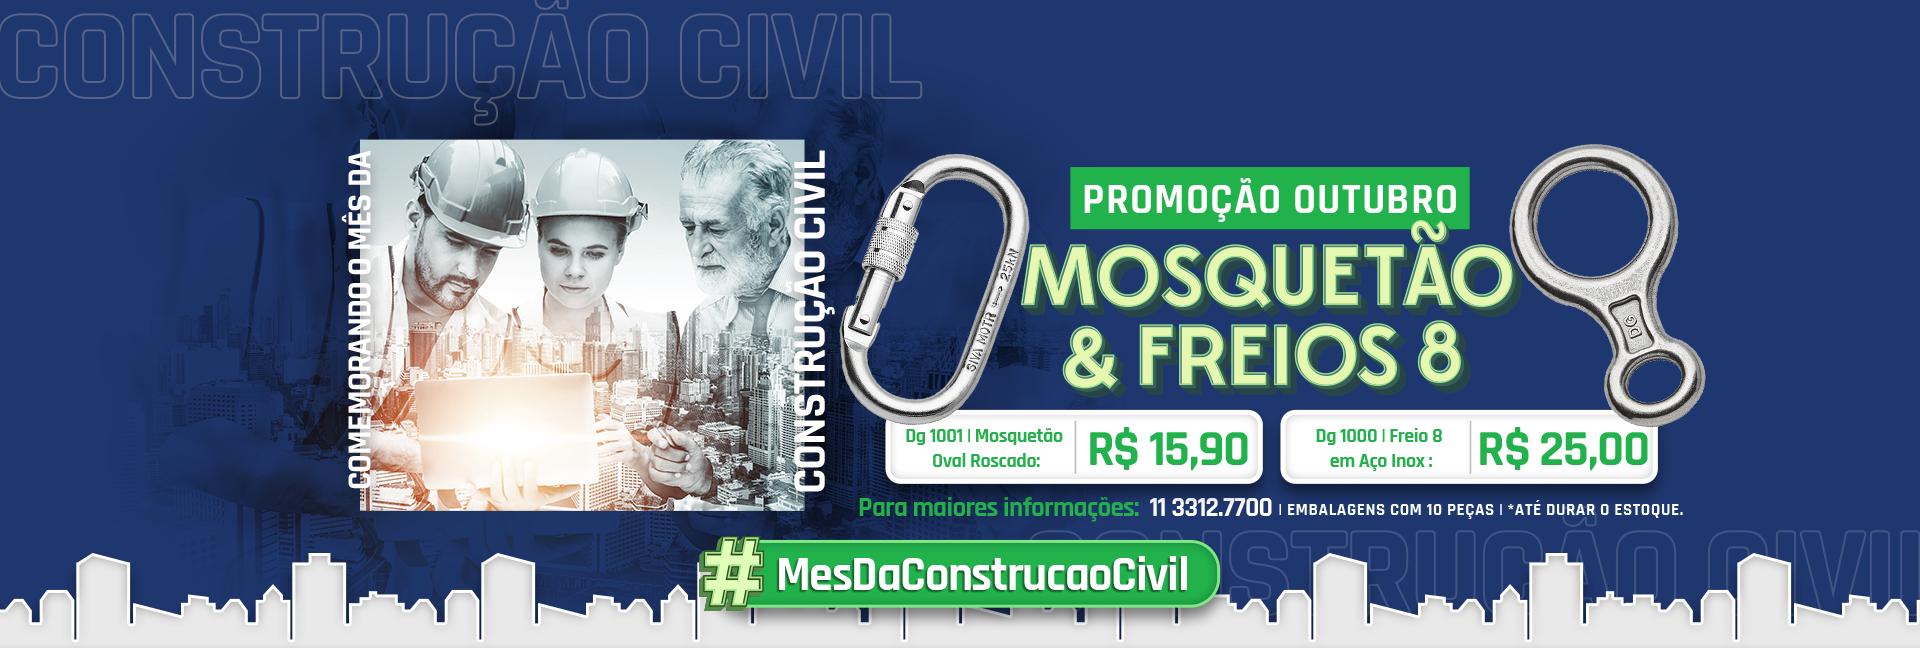 Construção civil promoção outubro